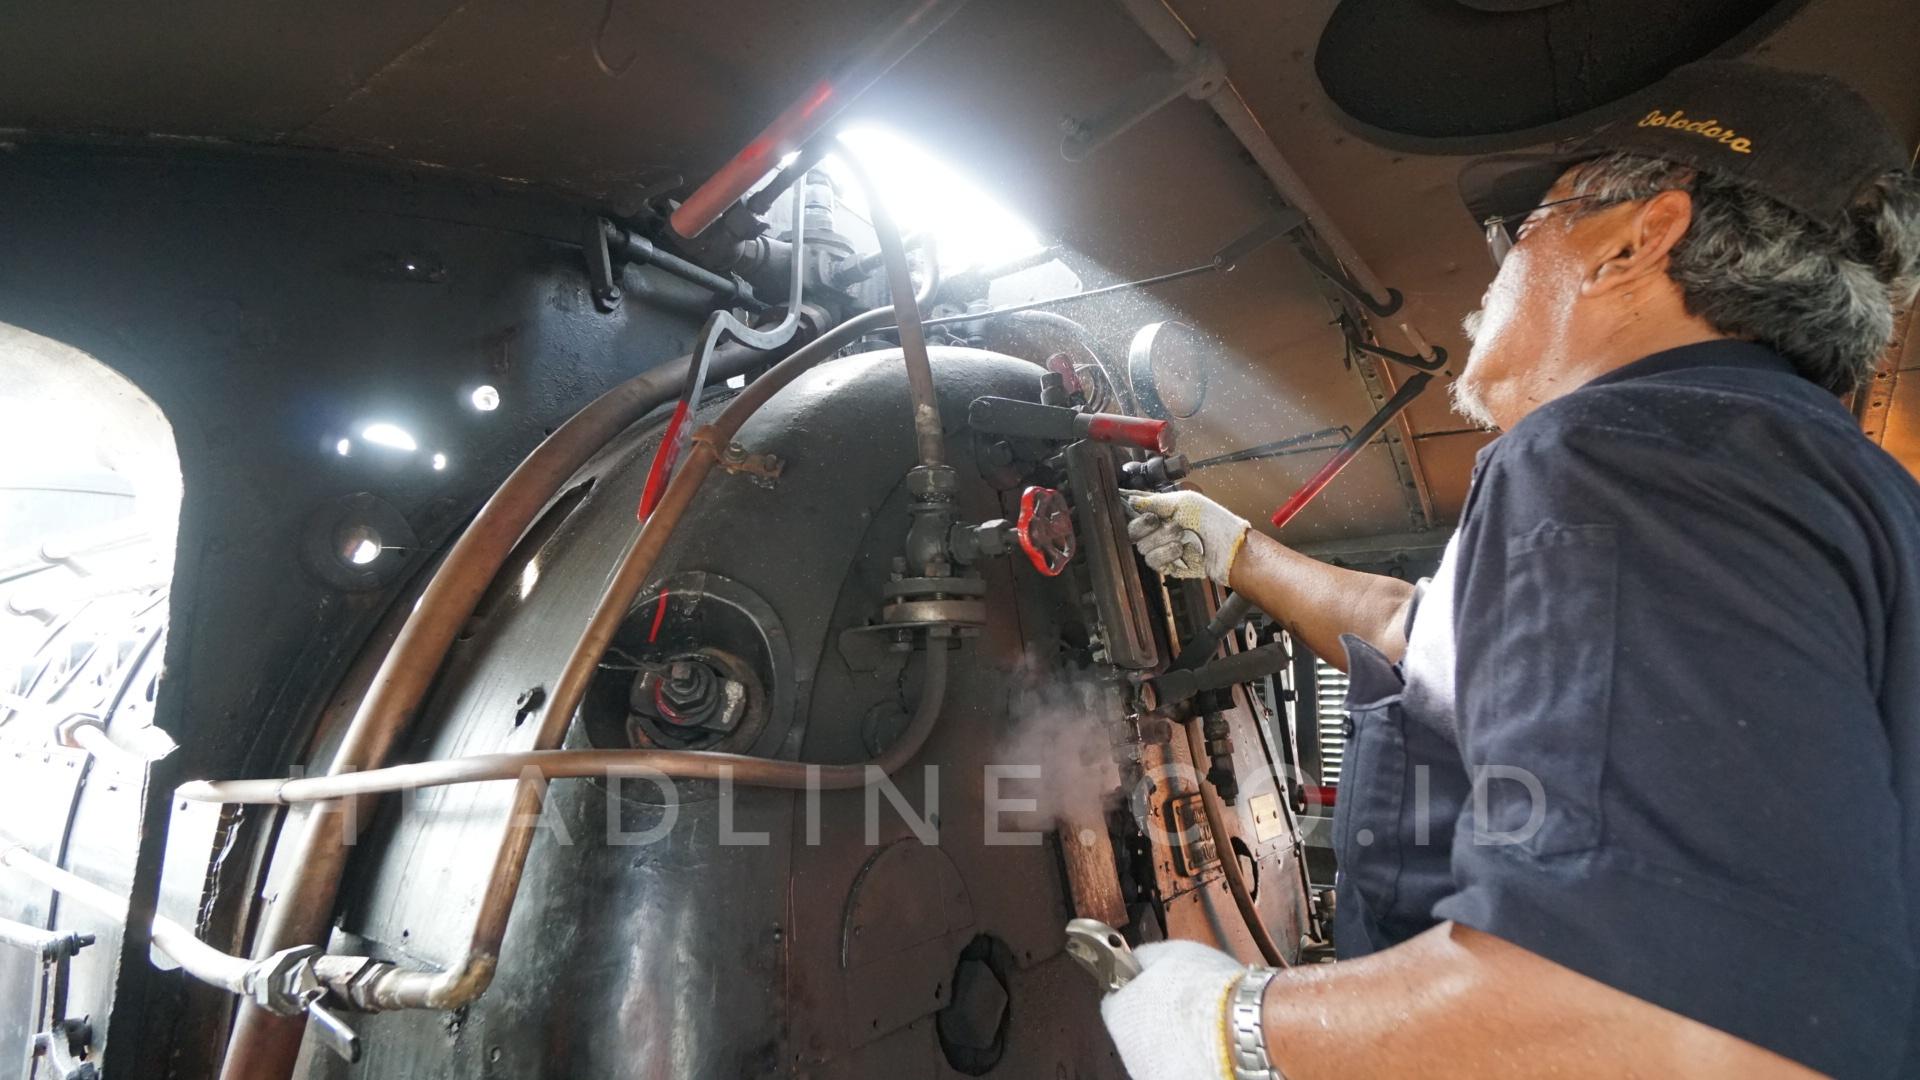 Suharyanto Kepala Restorasi Lokomotif Uap D1410 sedang melakukan pengecekan terakhir sebelum keberangkatannya menuju Stasiun Purwosari.